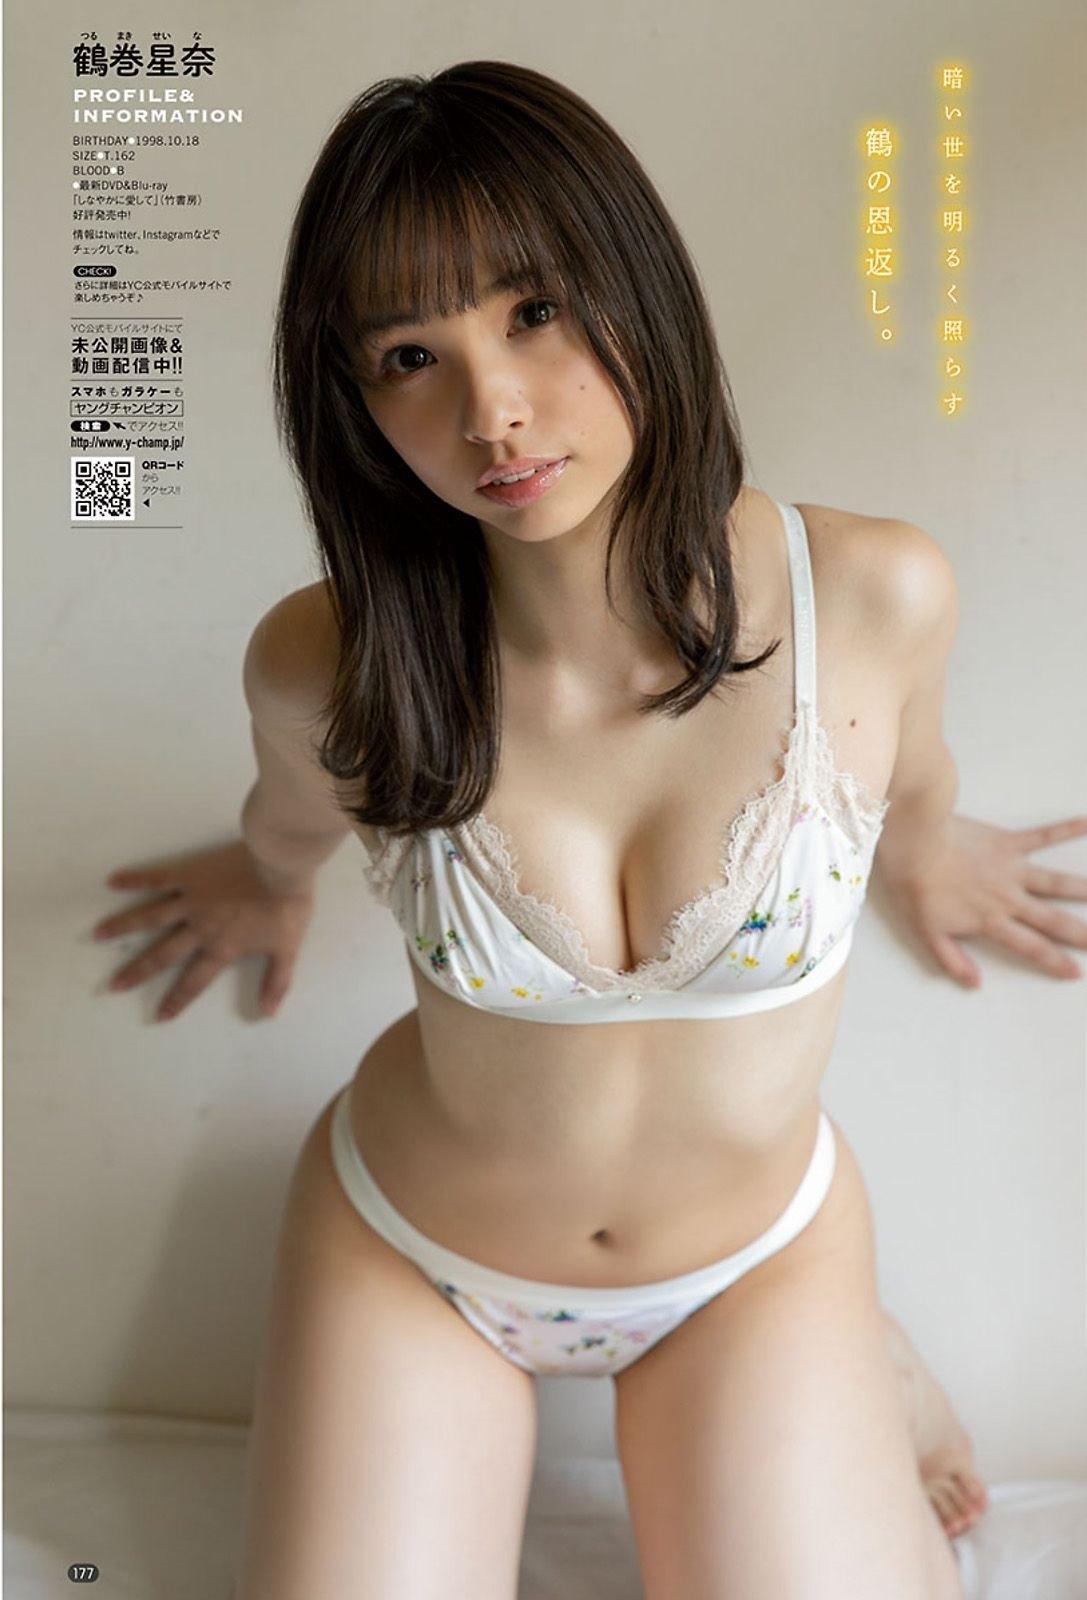 吉田莉樱 鹤卷星奈 あまつ様